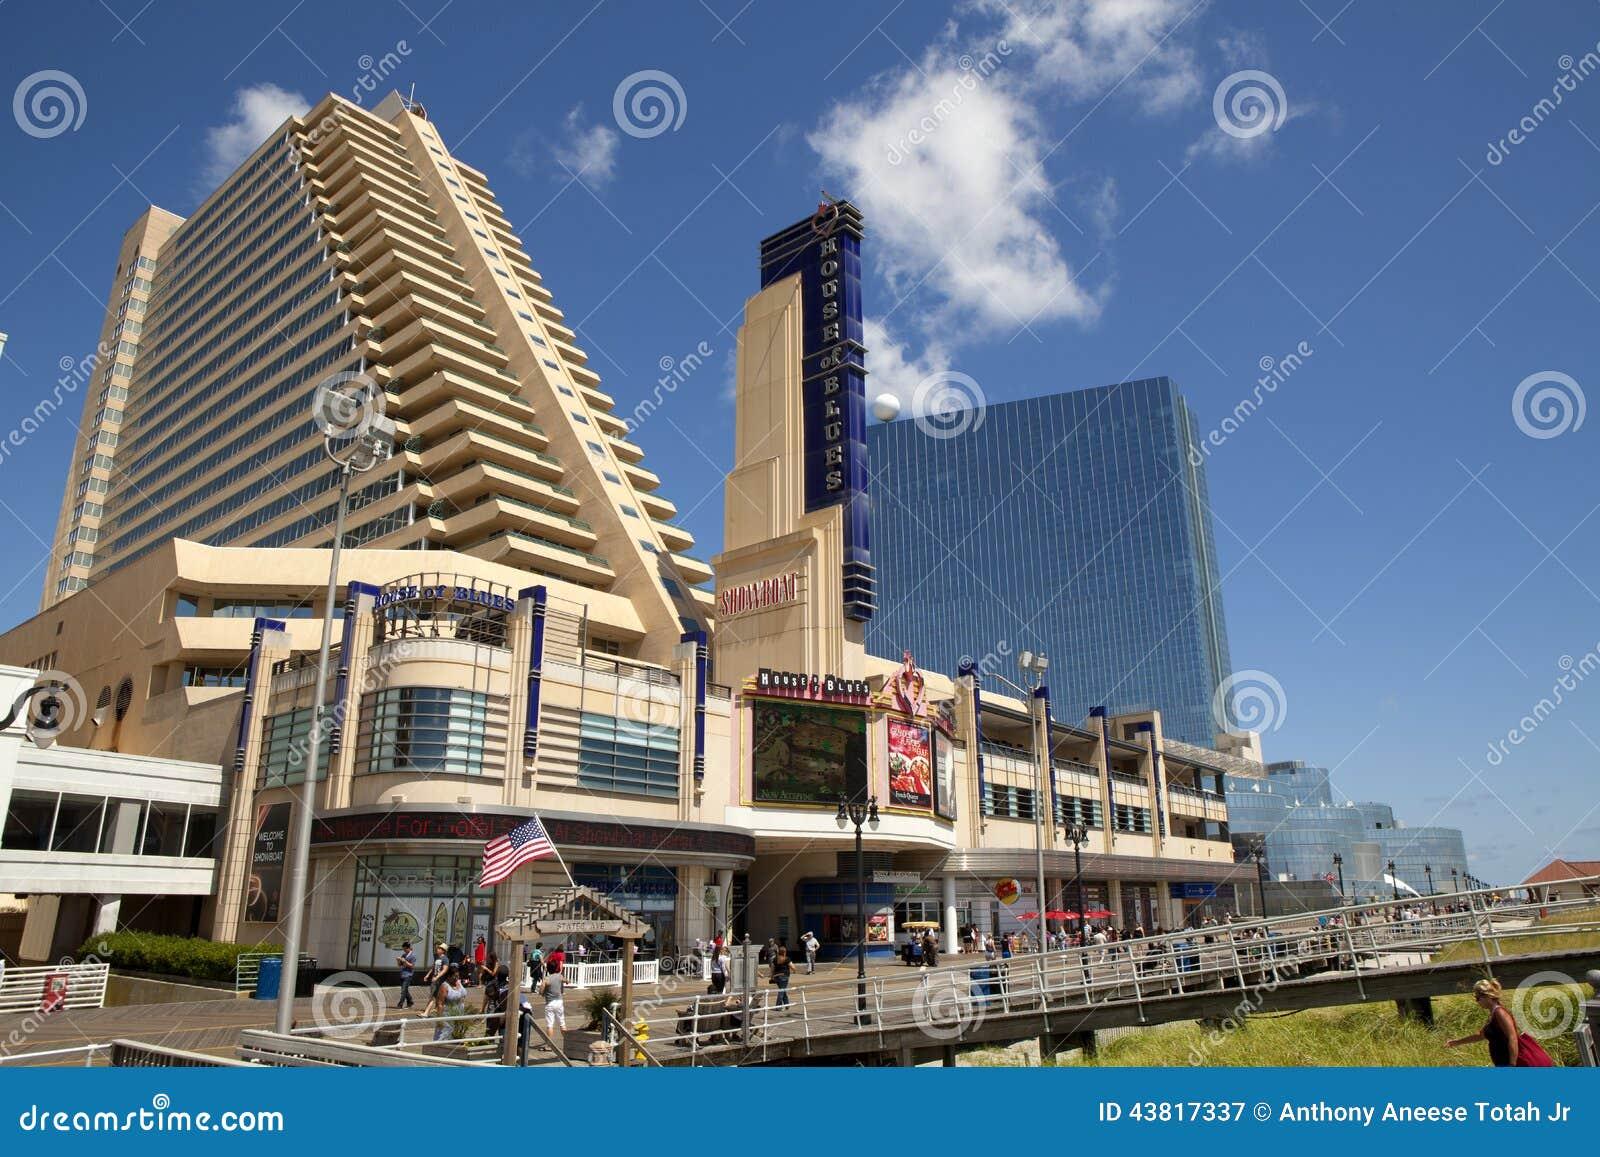 Het Showboat-Casino in Atlantic City, New Jersey